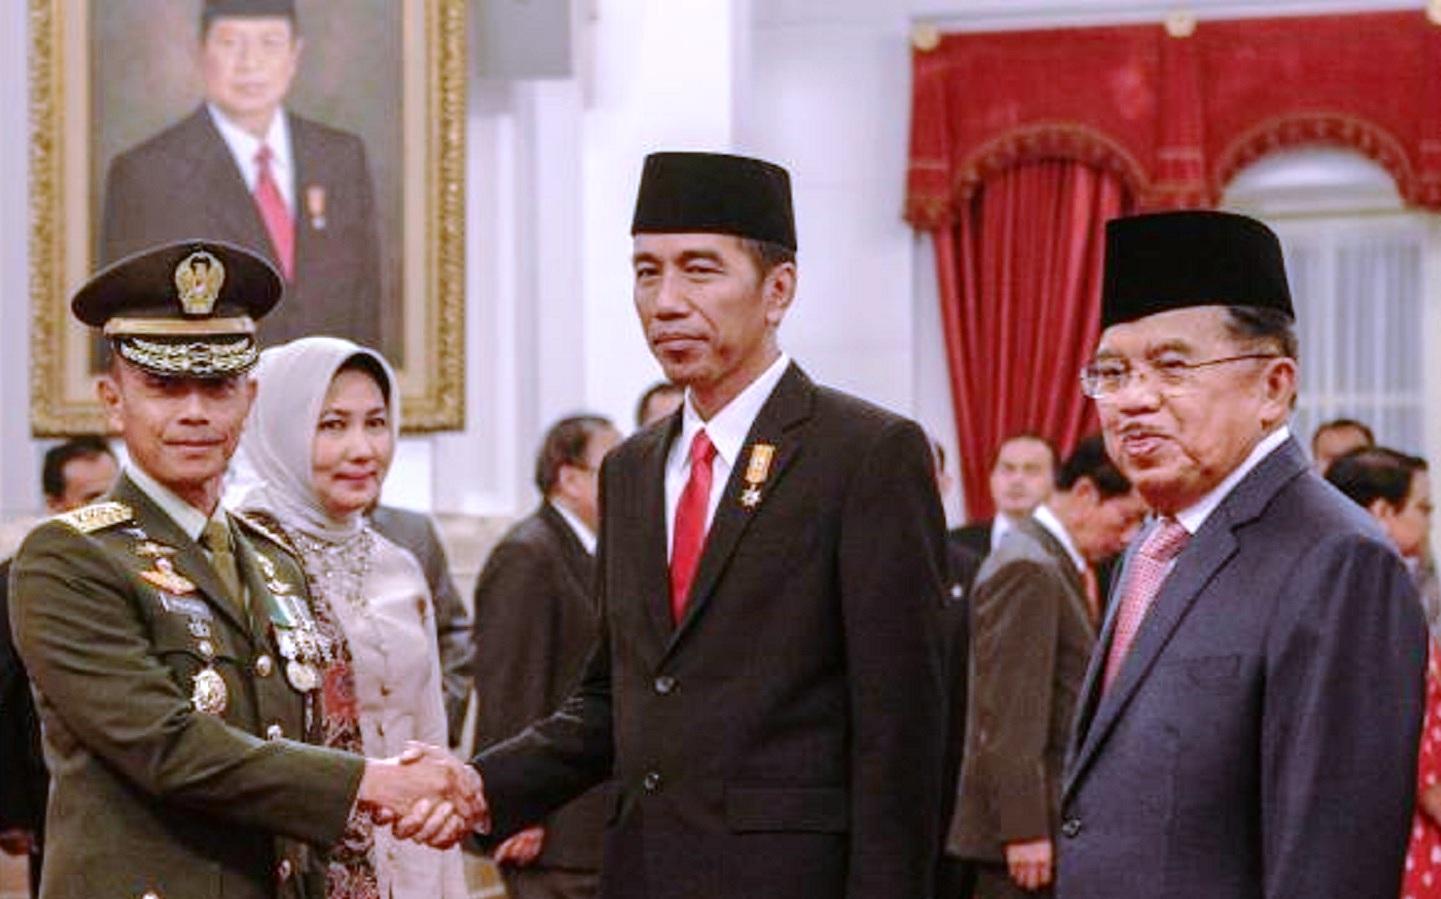 Jenderal TNI Mulyono di momentum pelantikannya sebagai KSAD, berjabat tangan dengan Presiden Jokowi bersama Wapres Jusuf Kalla (tempo.co)